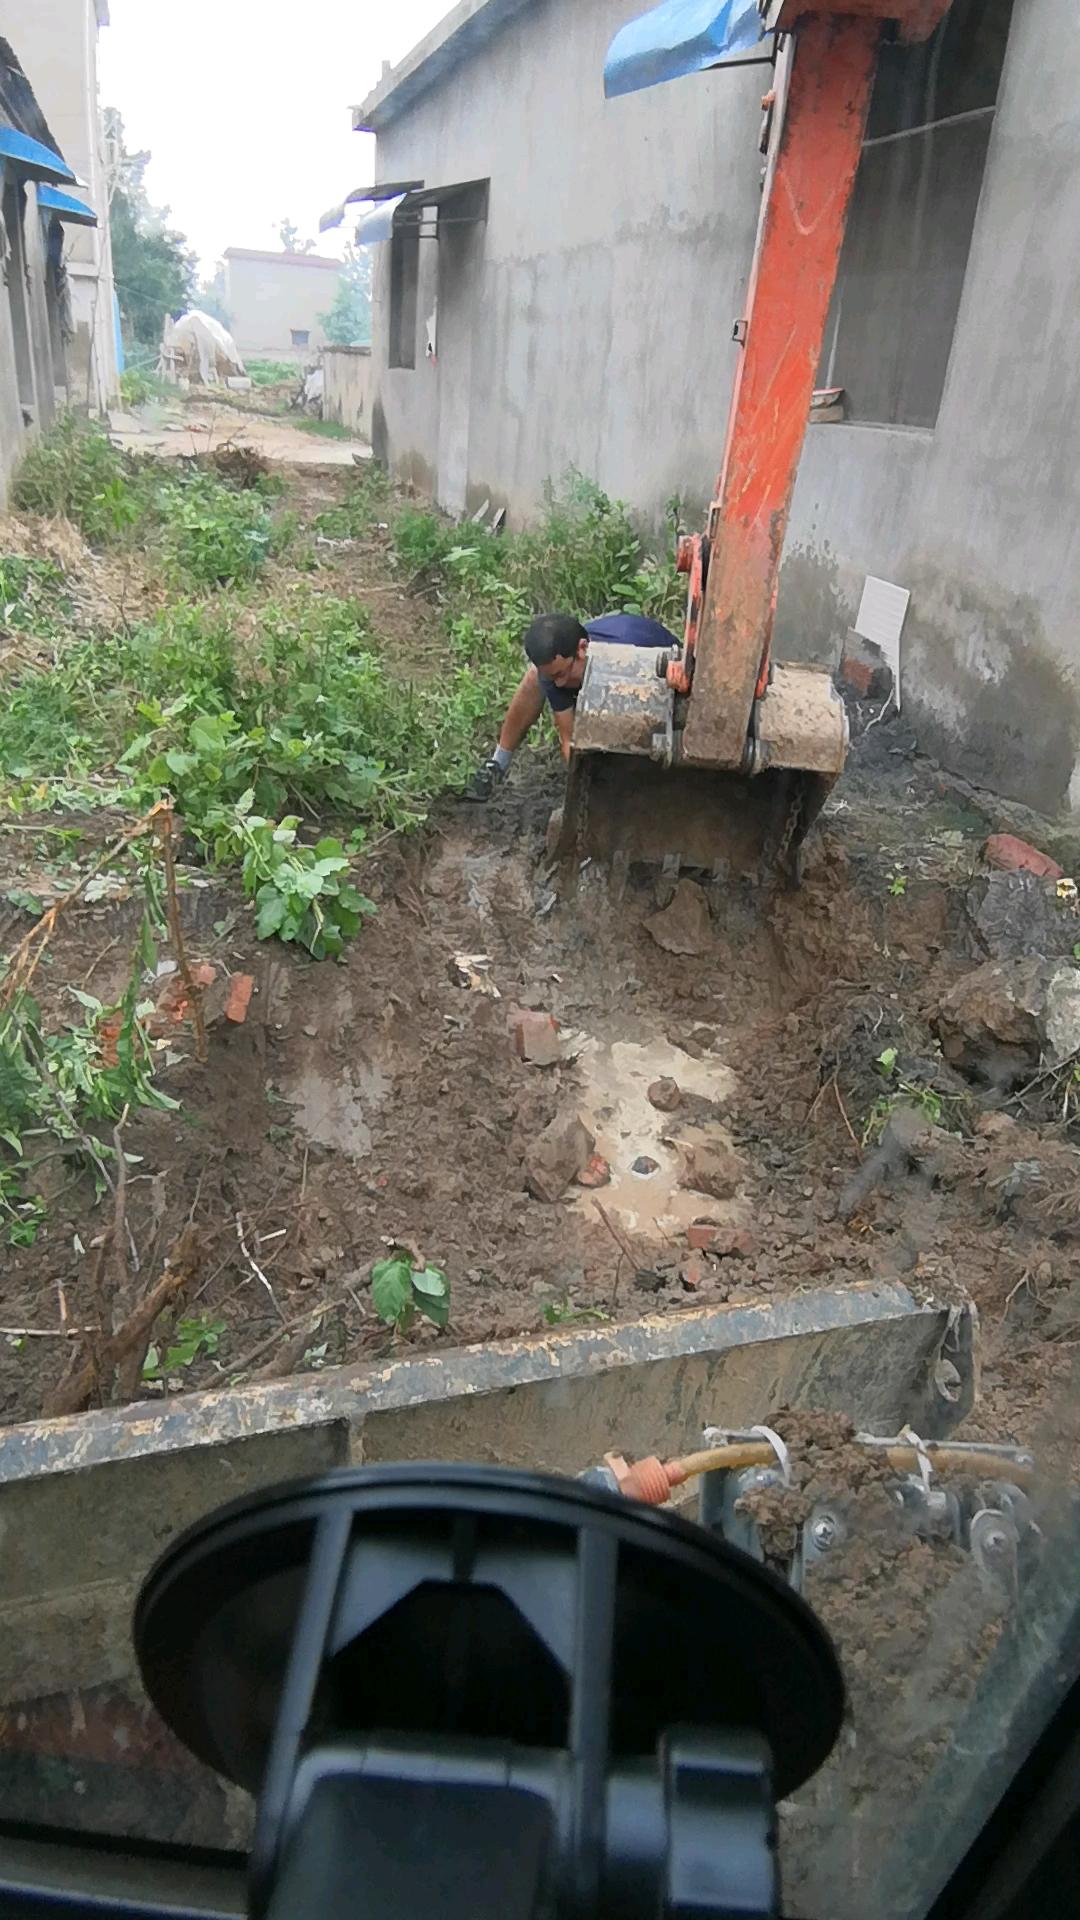 【我要上头条】小挖巧挖树根